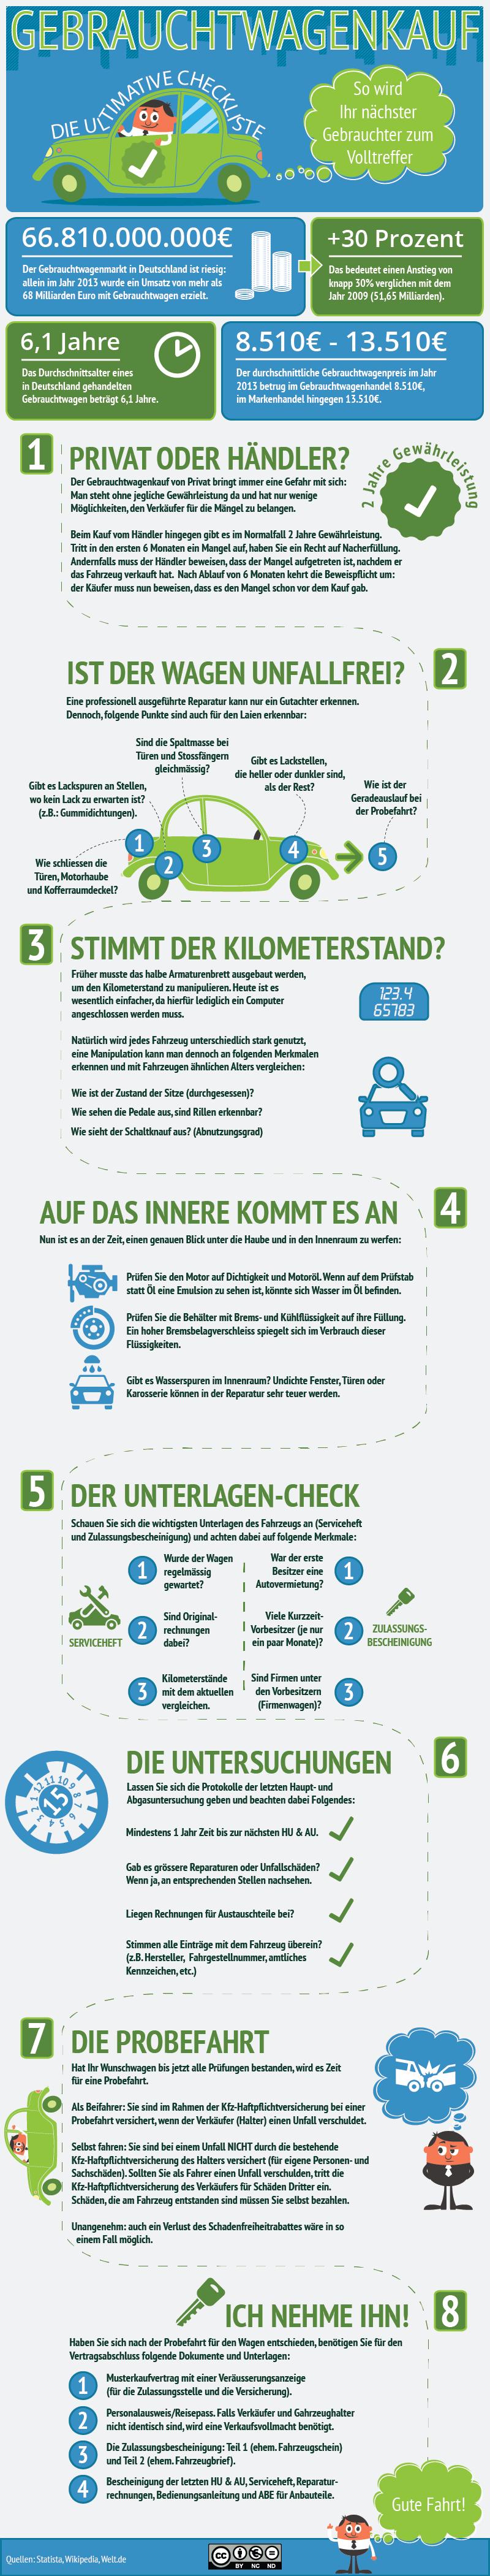 Gebrauchtwagenkauf Infografik